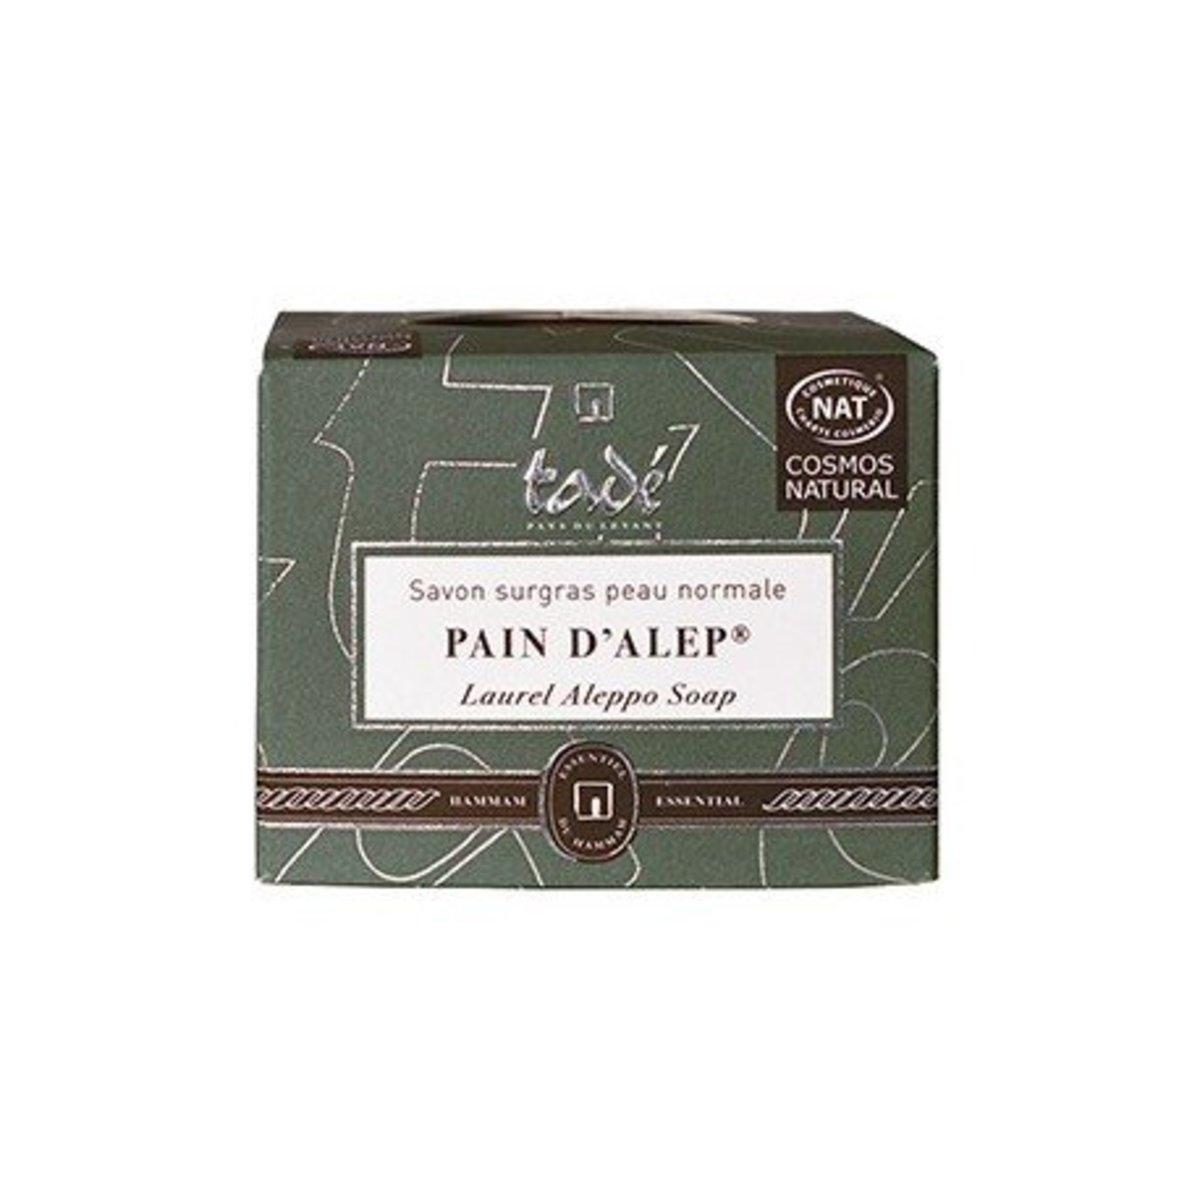 Olive & Laurel Aleppo Soap - COSMOS NAT (2 pcs, 190g x 2)